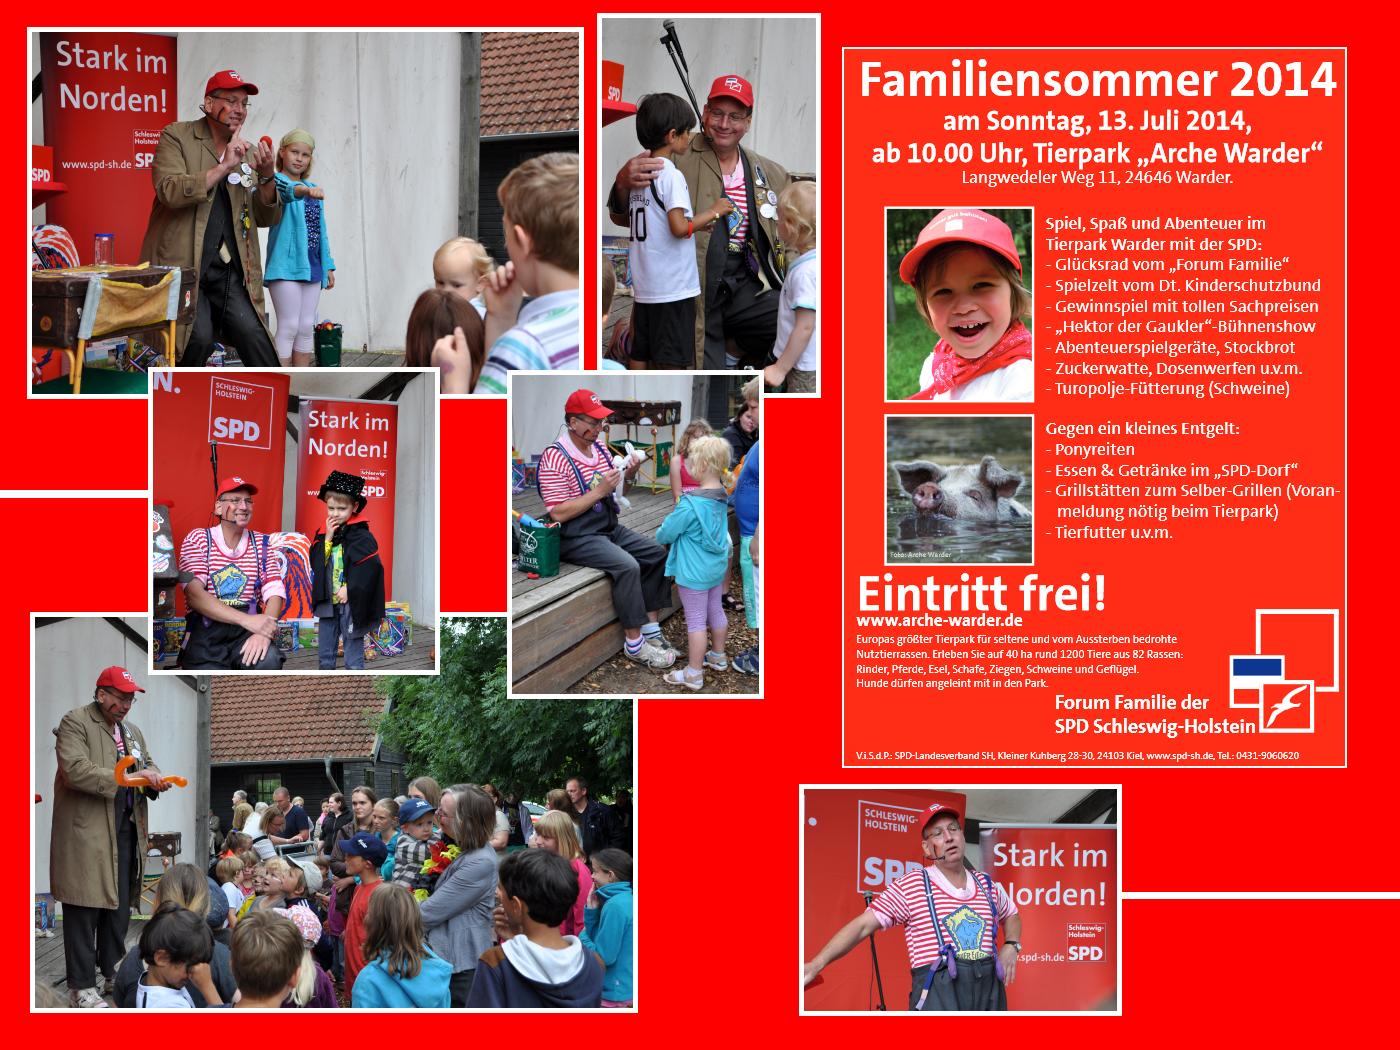 SPD-Familiensommer!